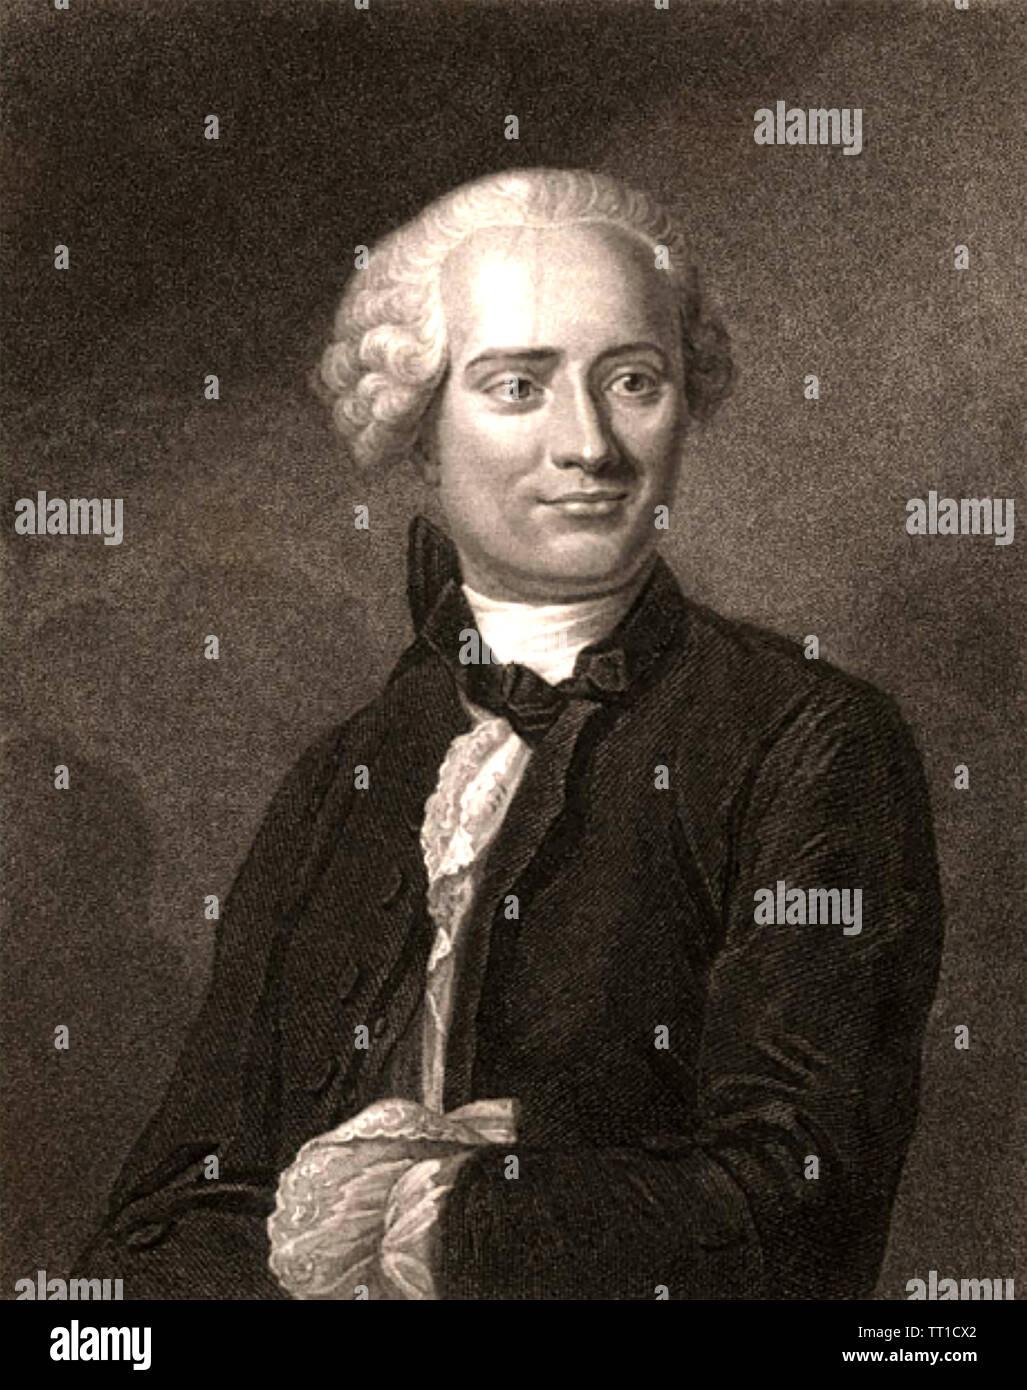 JEAN le rond d'Alembert (1717-1783) mathématicien et physicien français Photo Stock